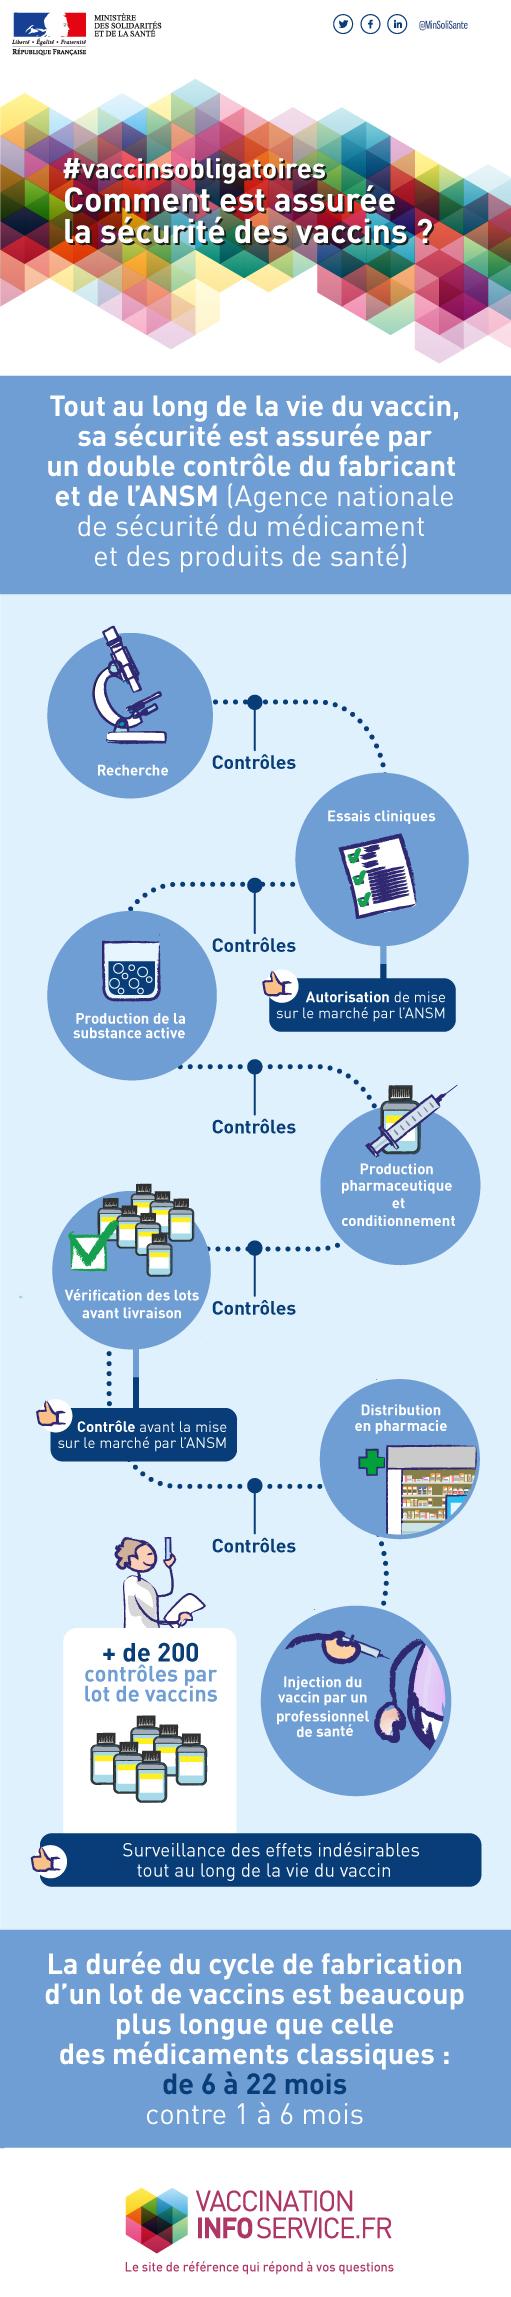 Infographie représentant toutes les différentes étapes de contrôle des vaccins tout au long du processus de fabrication. Les lots de vaccins subissent plus de 200 contrôles.